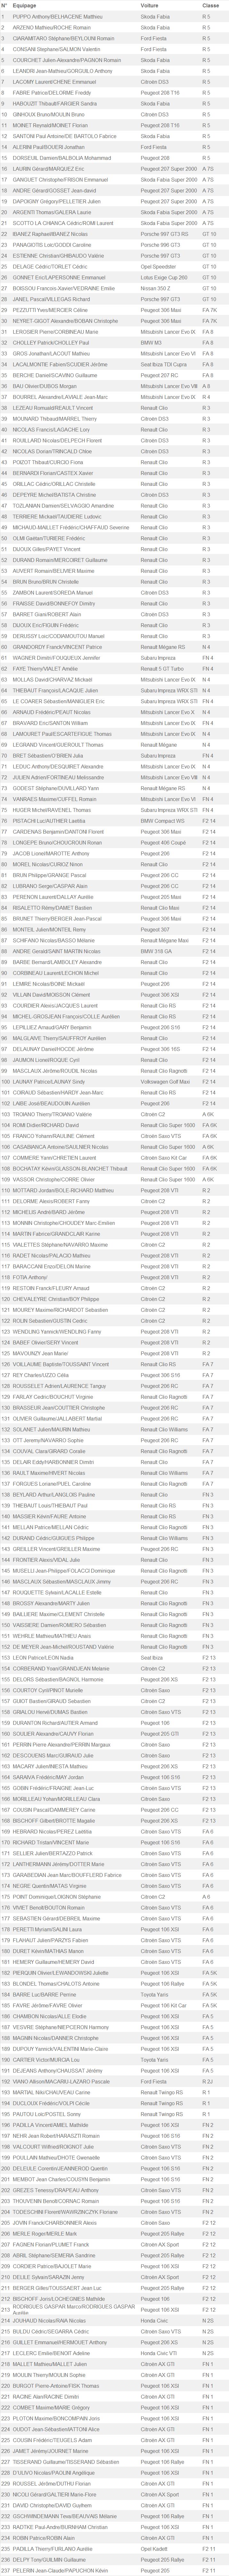 Listes des engagées de la finale de la coupe de france des rallyes